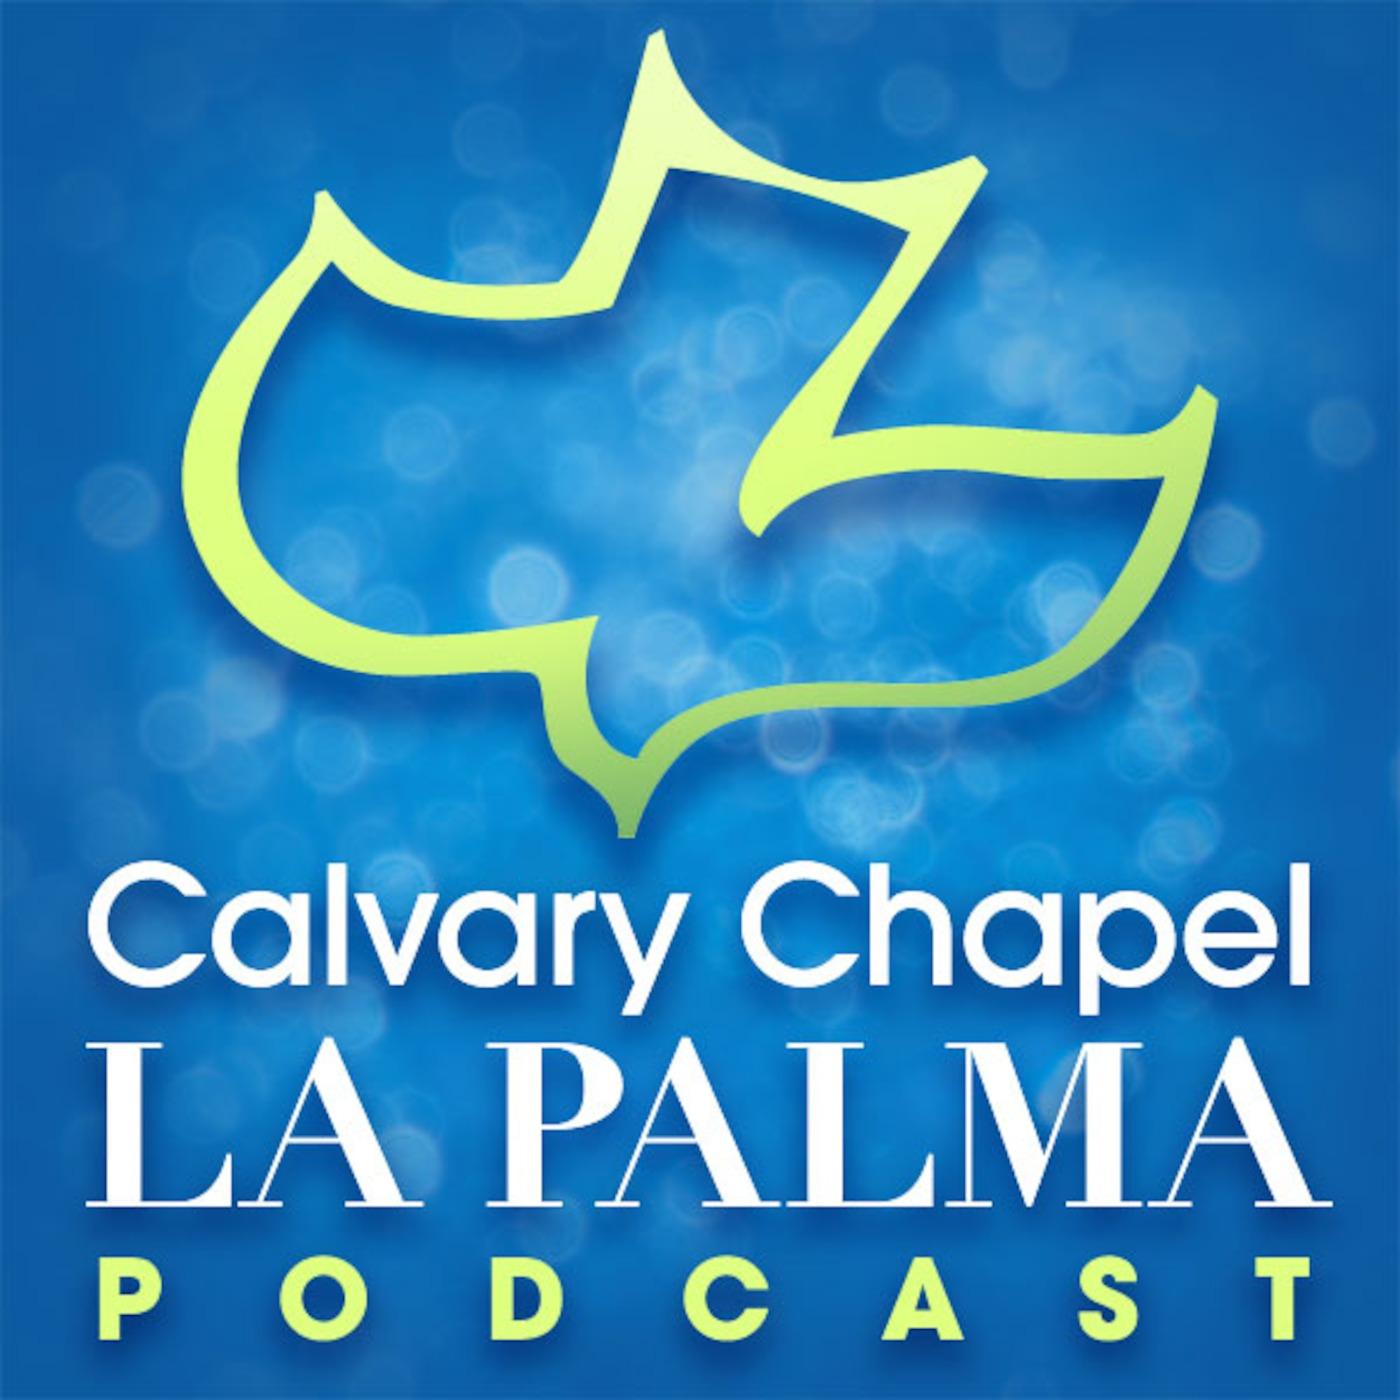 Calvary Chapel La Palma Podcast